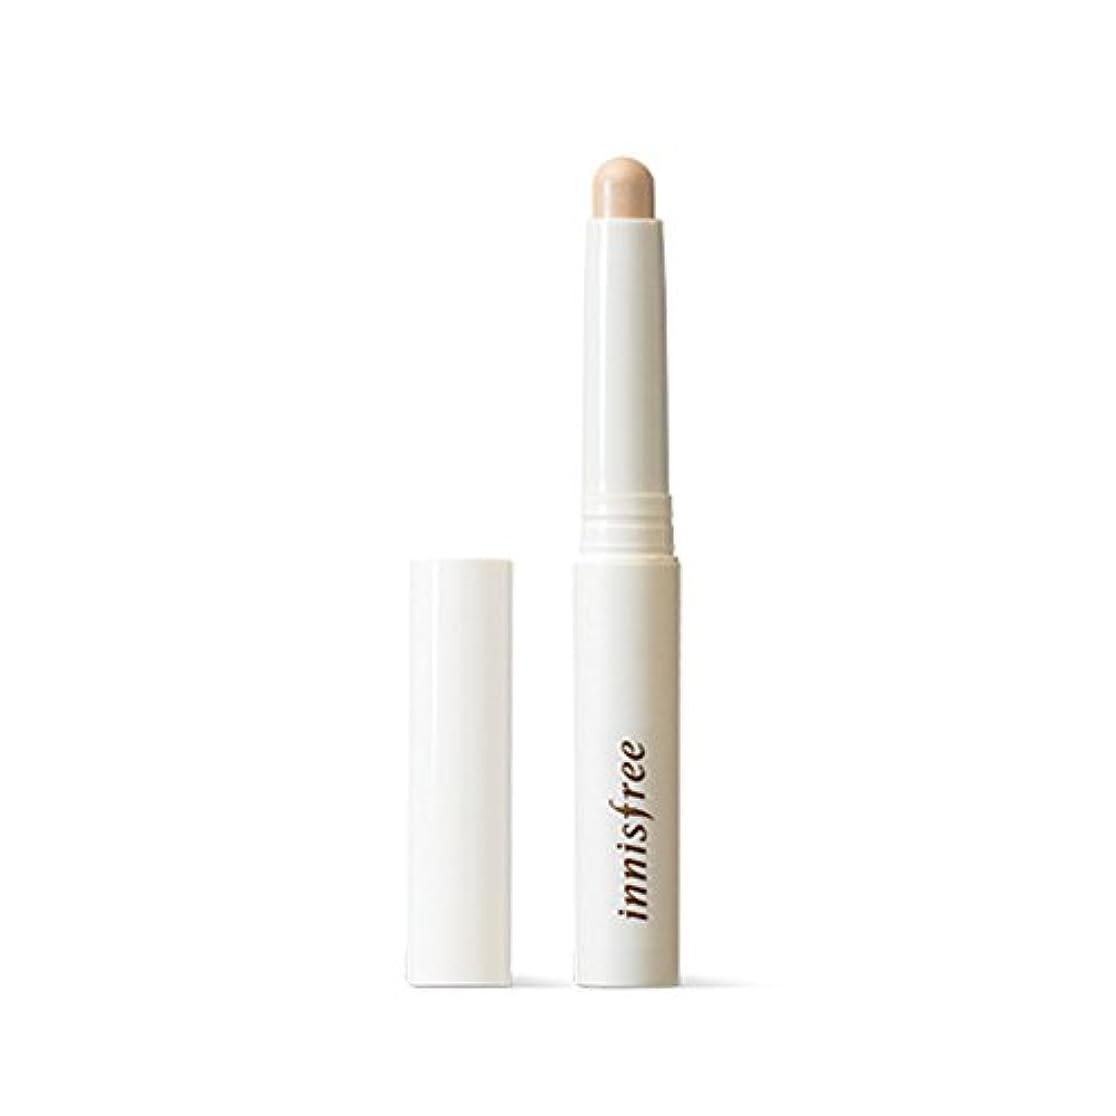 イニスフリーミネラルスティックコンシーラー2g Innisfree Mineral Stick Concealer 2g [海外直送品][並行輸入品] (#2. Natural Beige)